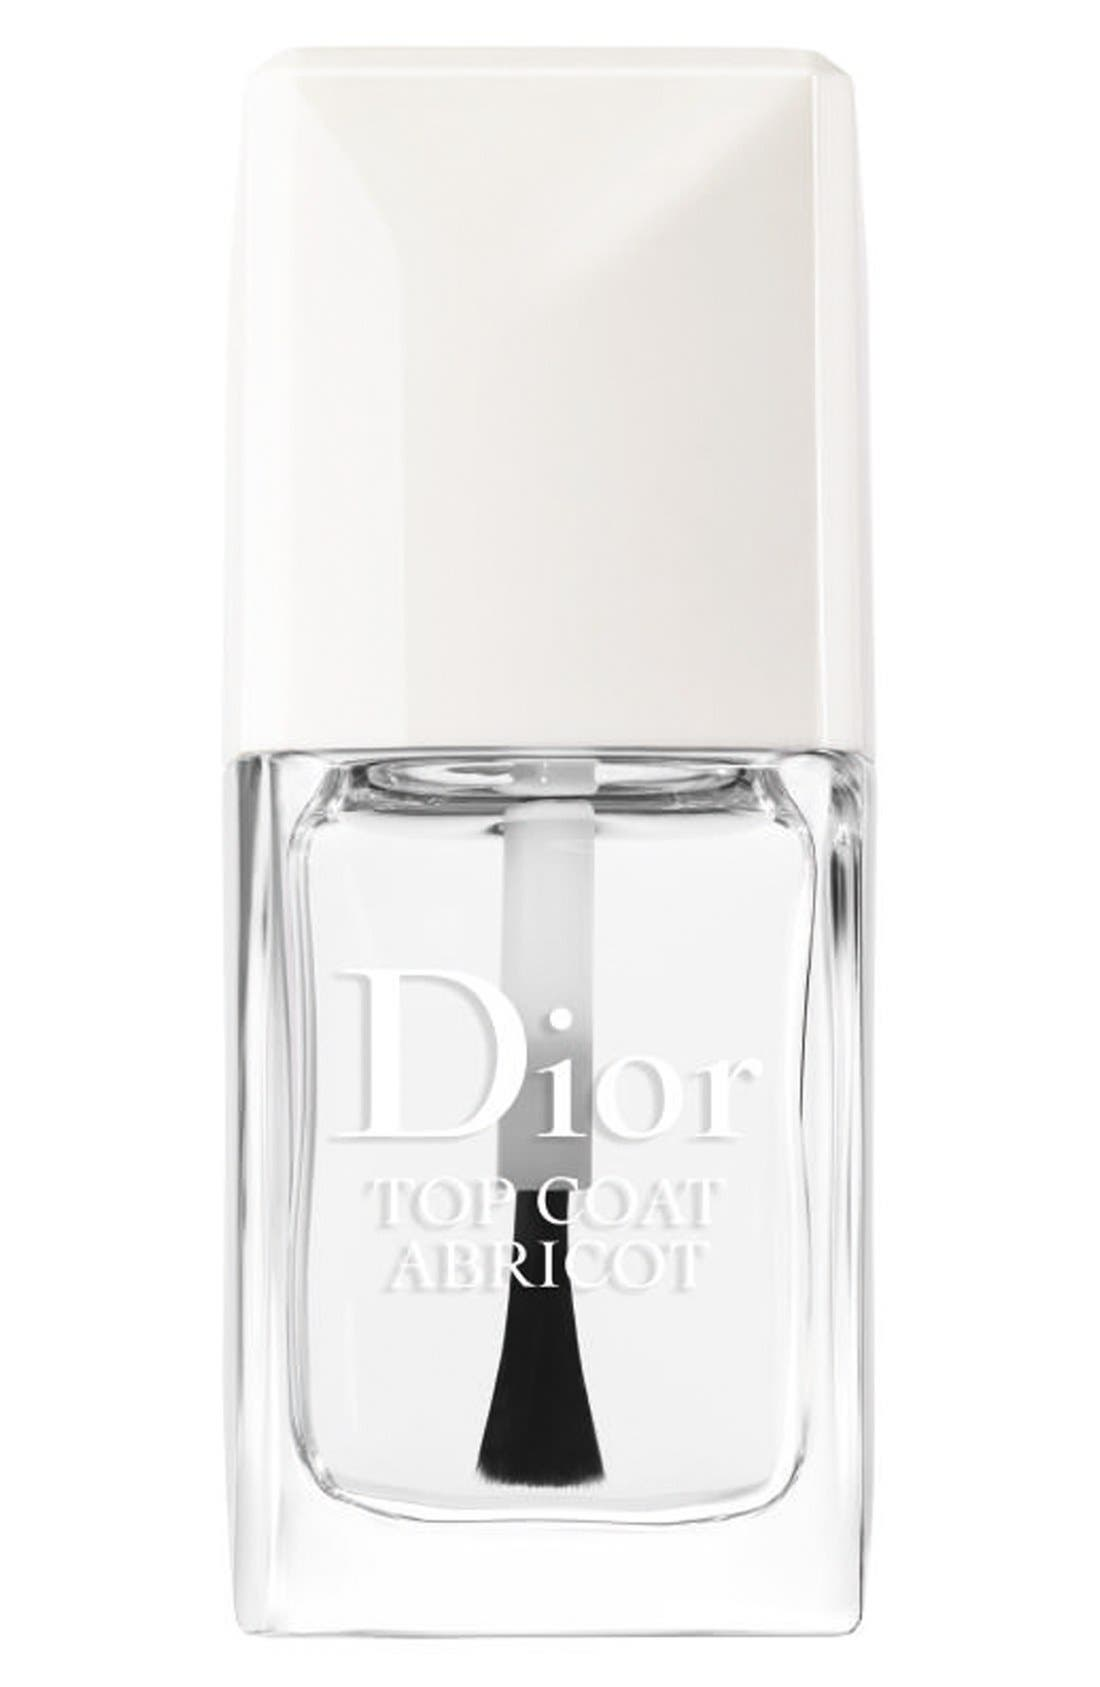 Dior 'Abricot' Top Coat